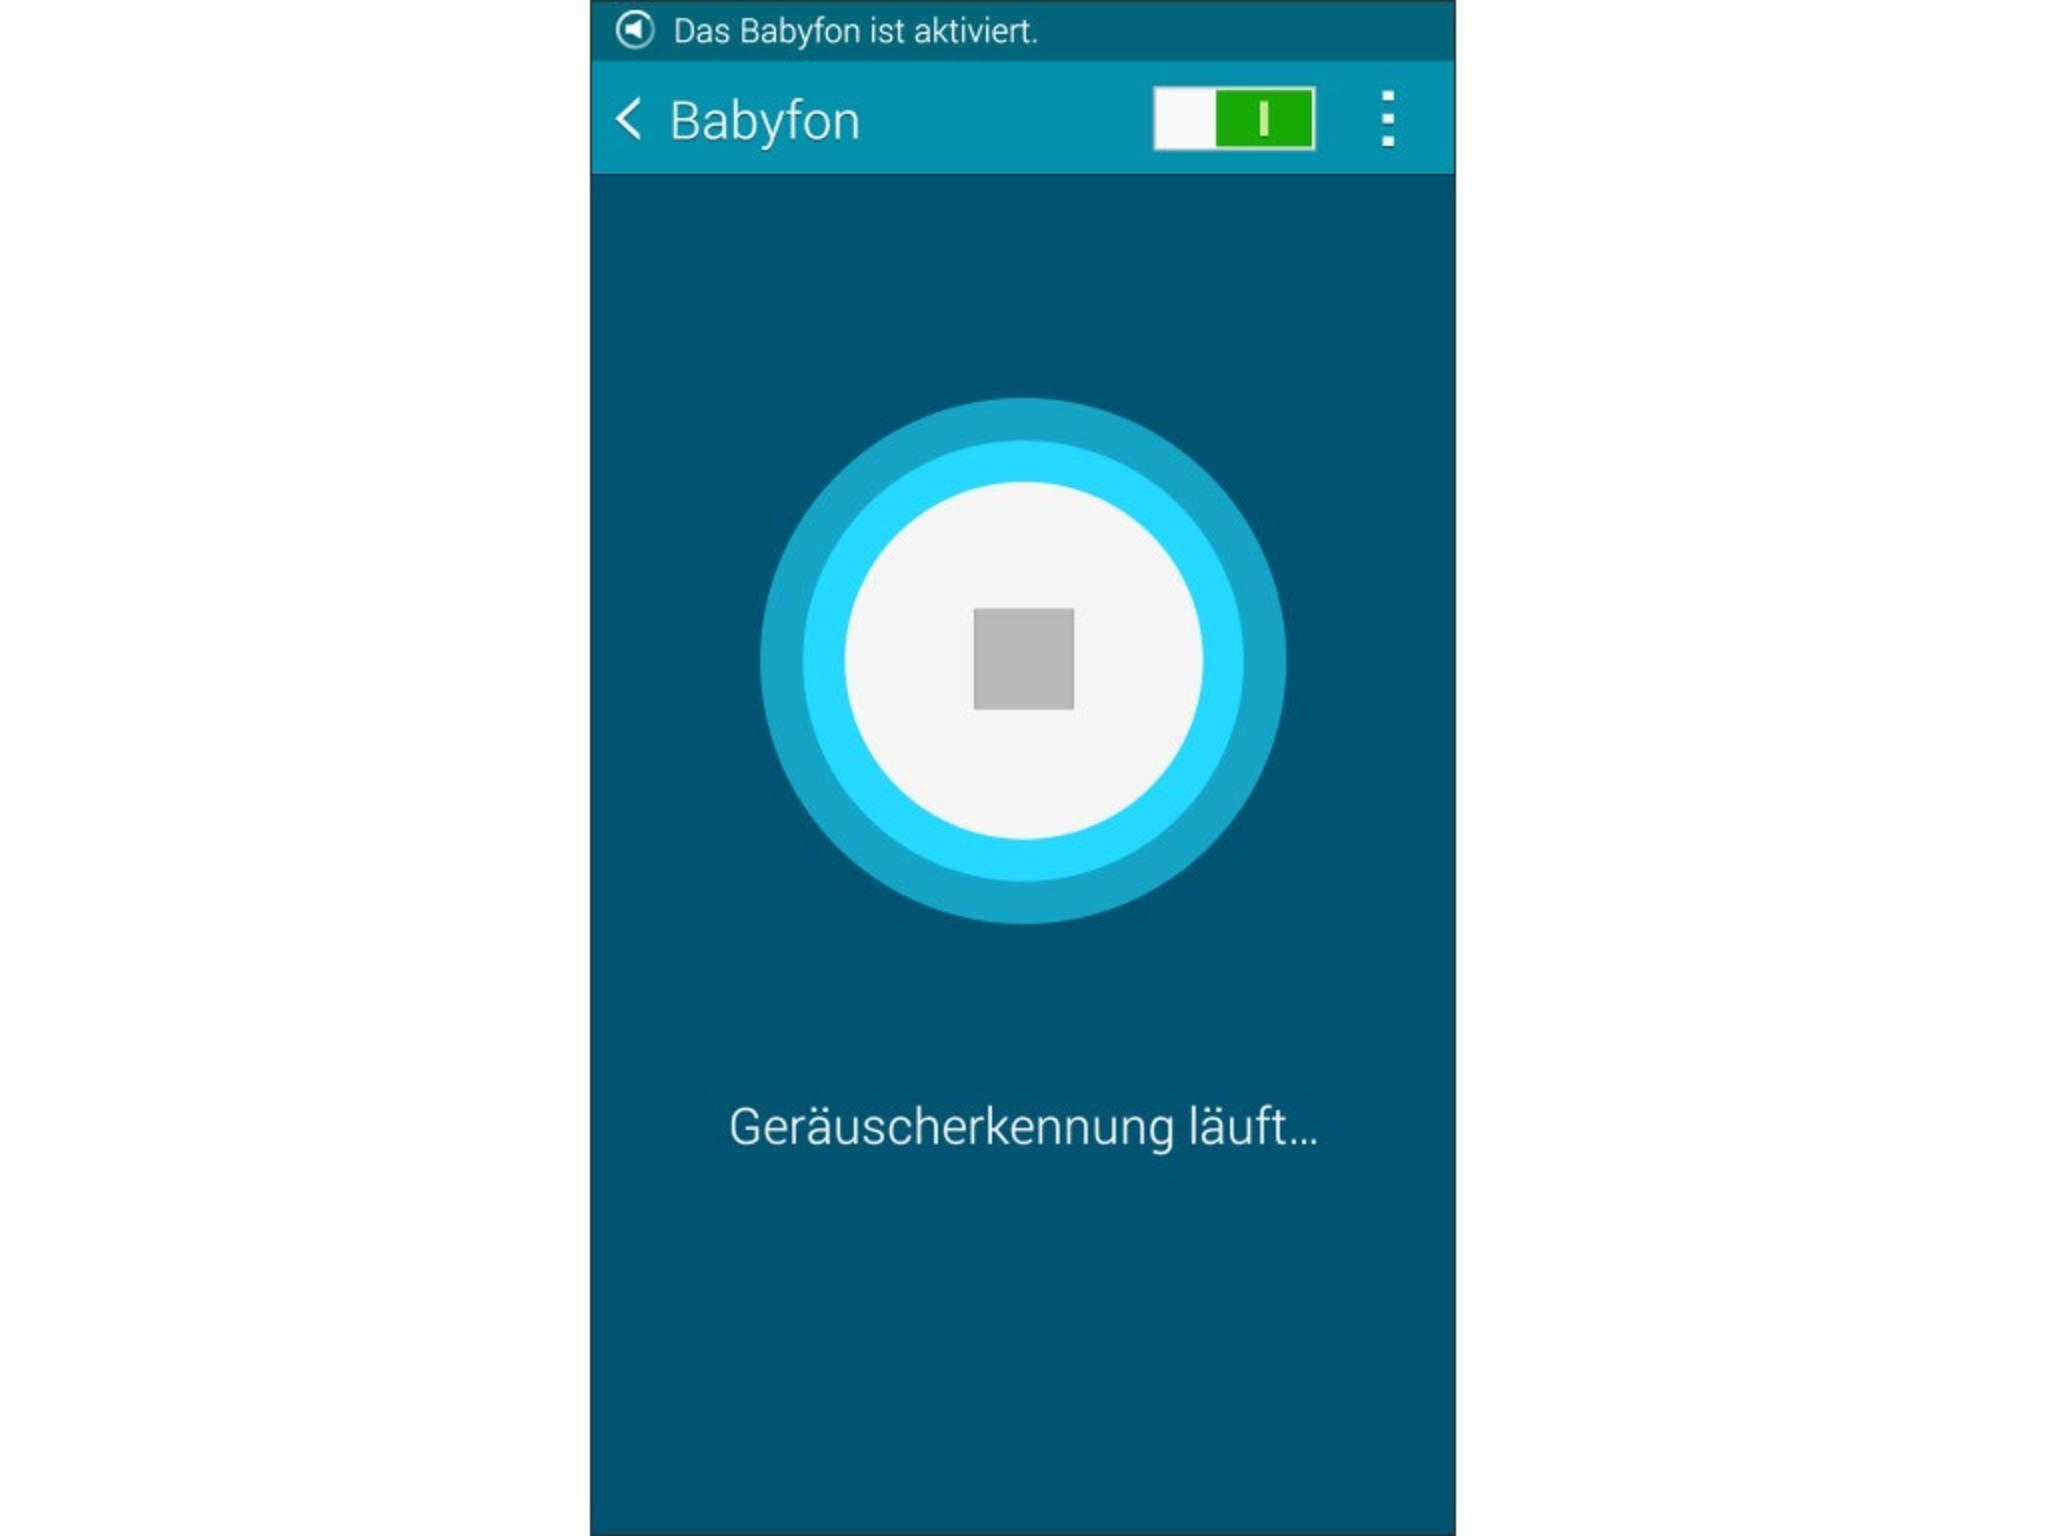 Das Galaxy Note 4 lässt sich auch als Babyfon nutzen.